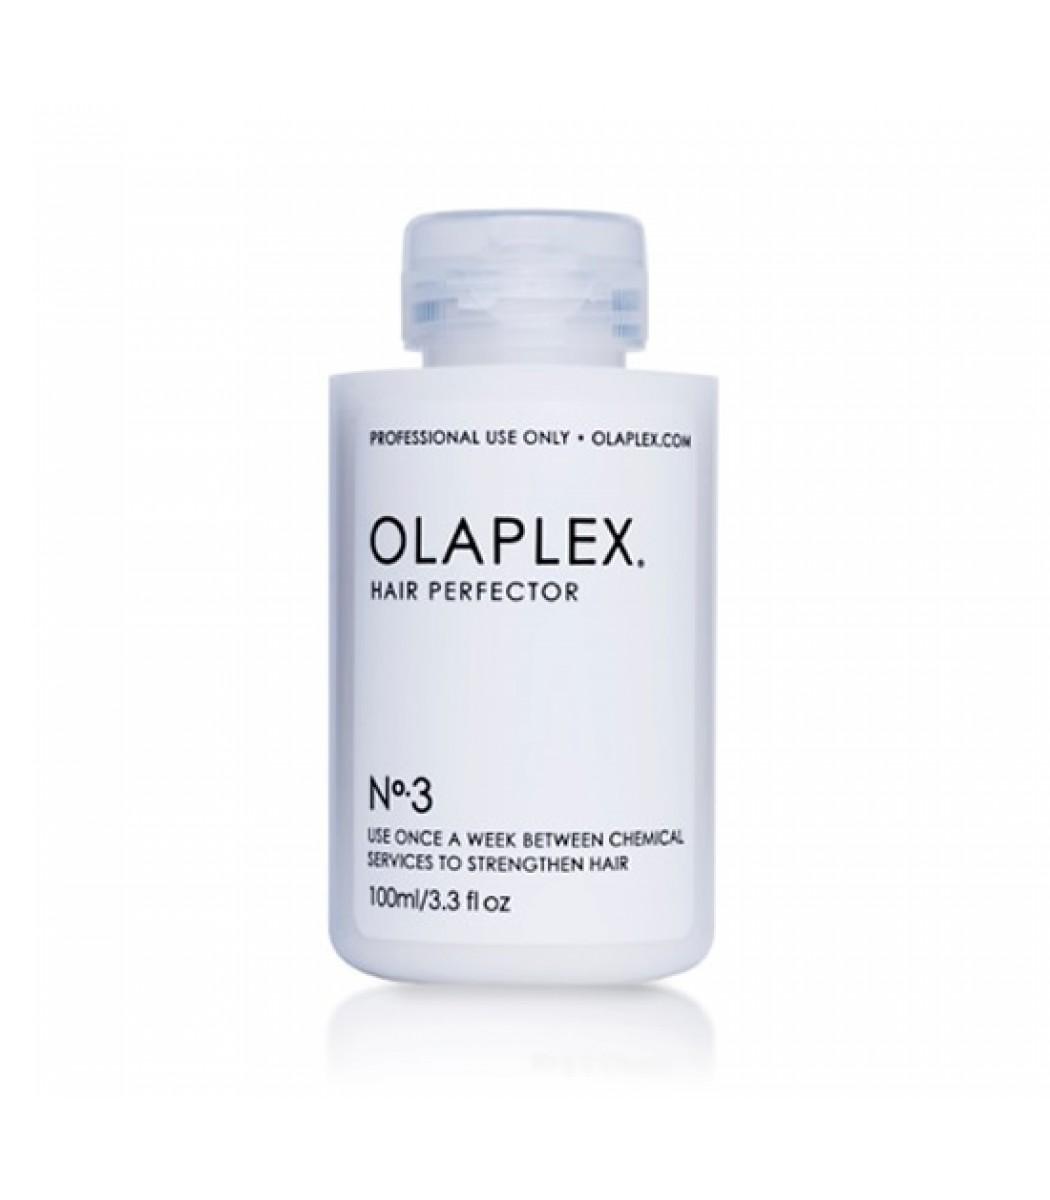 Olaplex Hair Perfector No.3 - 100ml